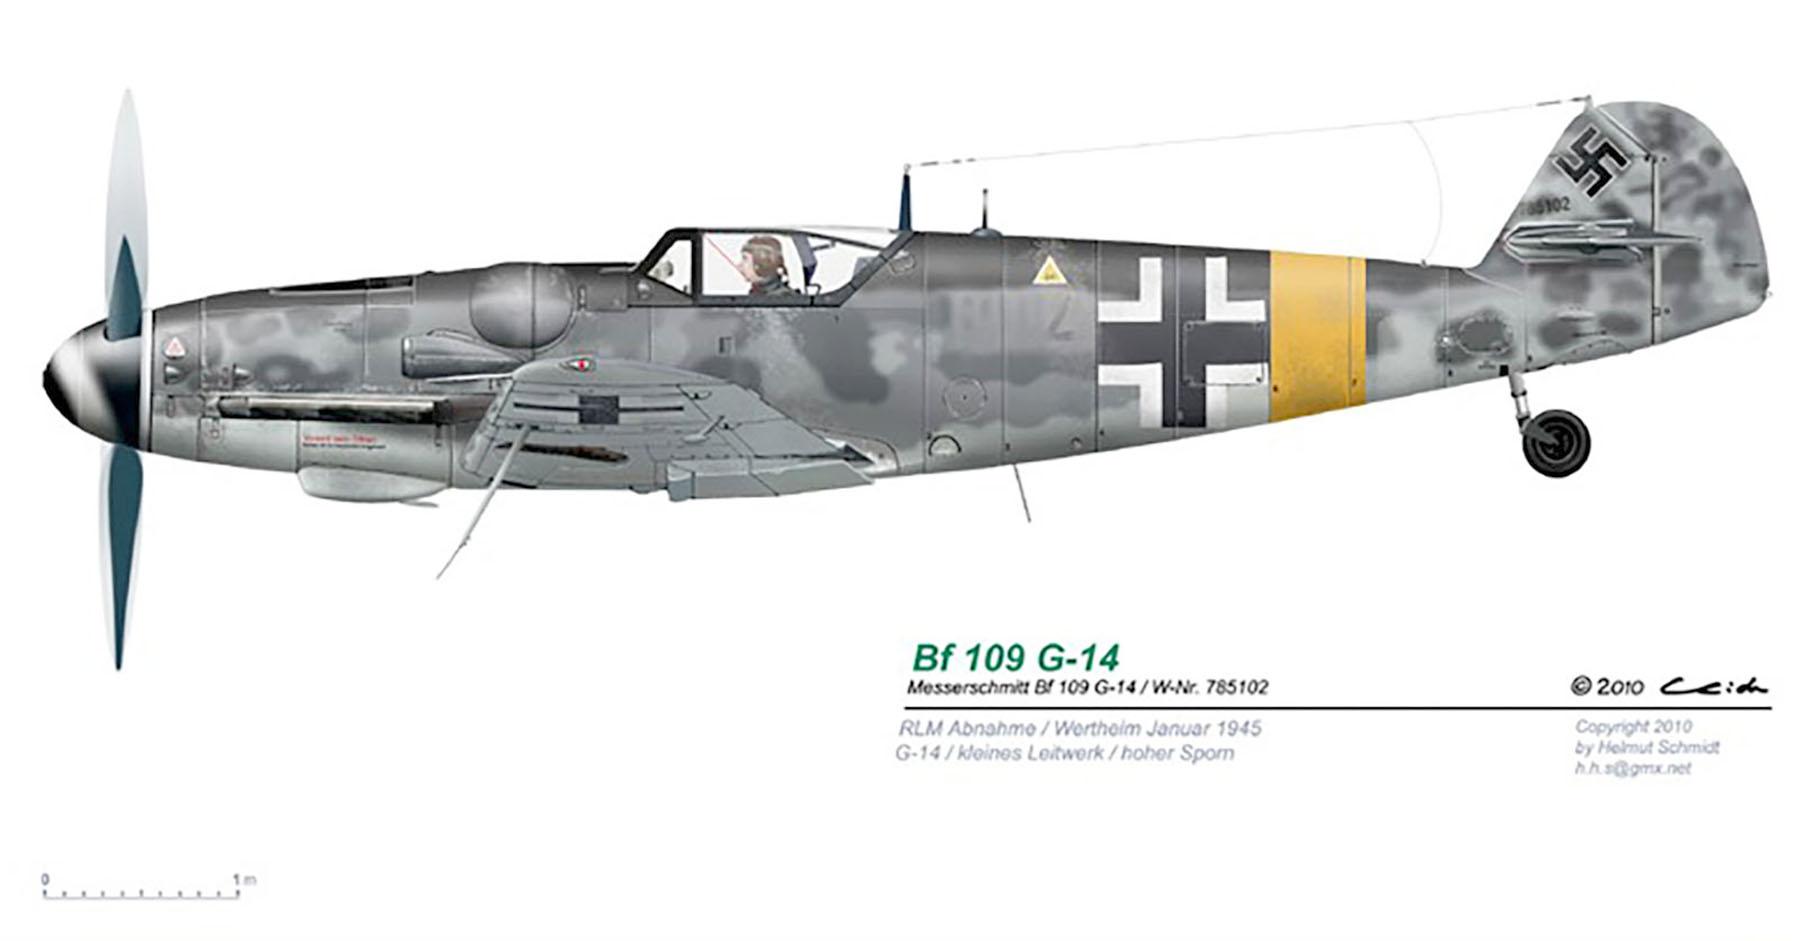 Messerschmitt Bf 109G14 Erla RVT WNr 785102 unknown unit Wertheim Germany Jan 1945 0A